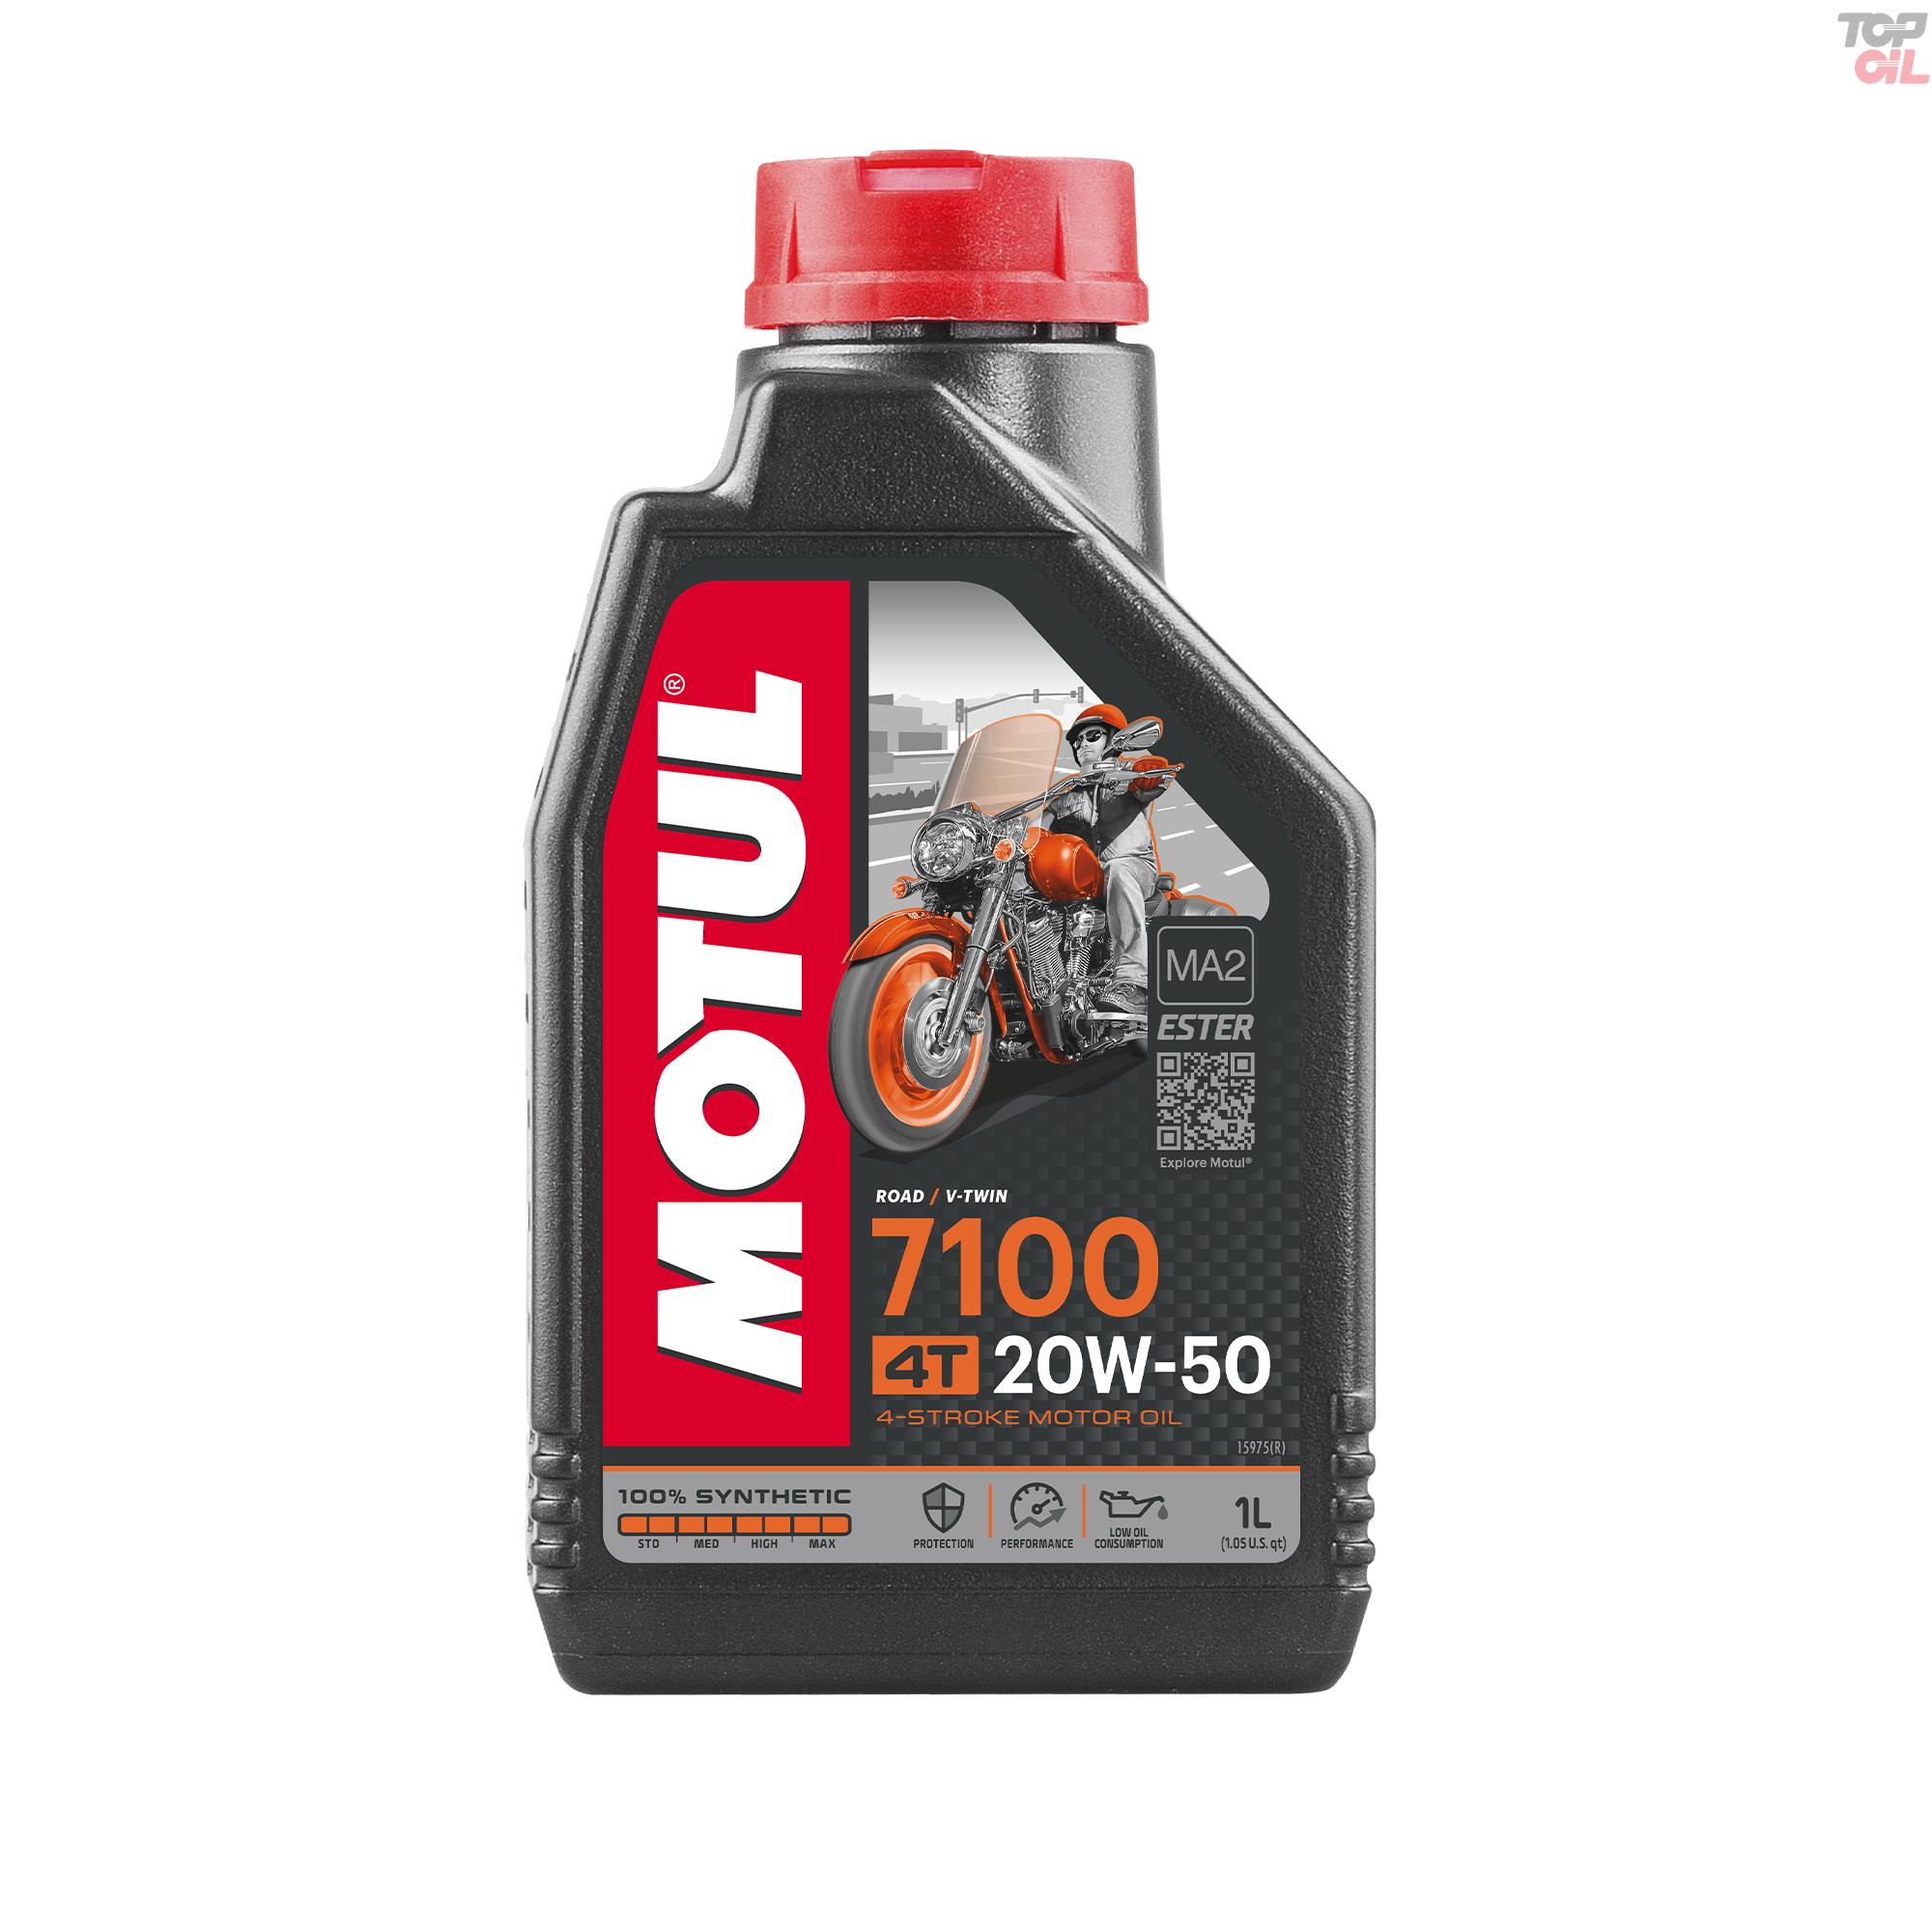 Oleo de motor Motul 7100 4T 20W50 Sintetico 1 litro